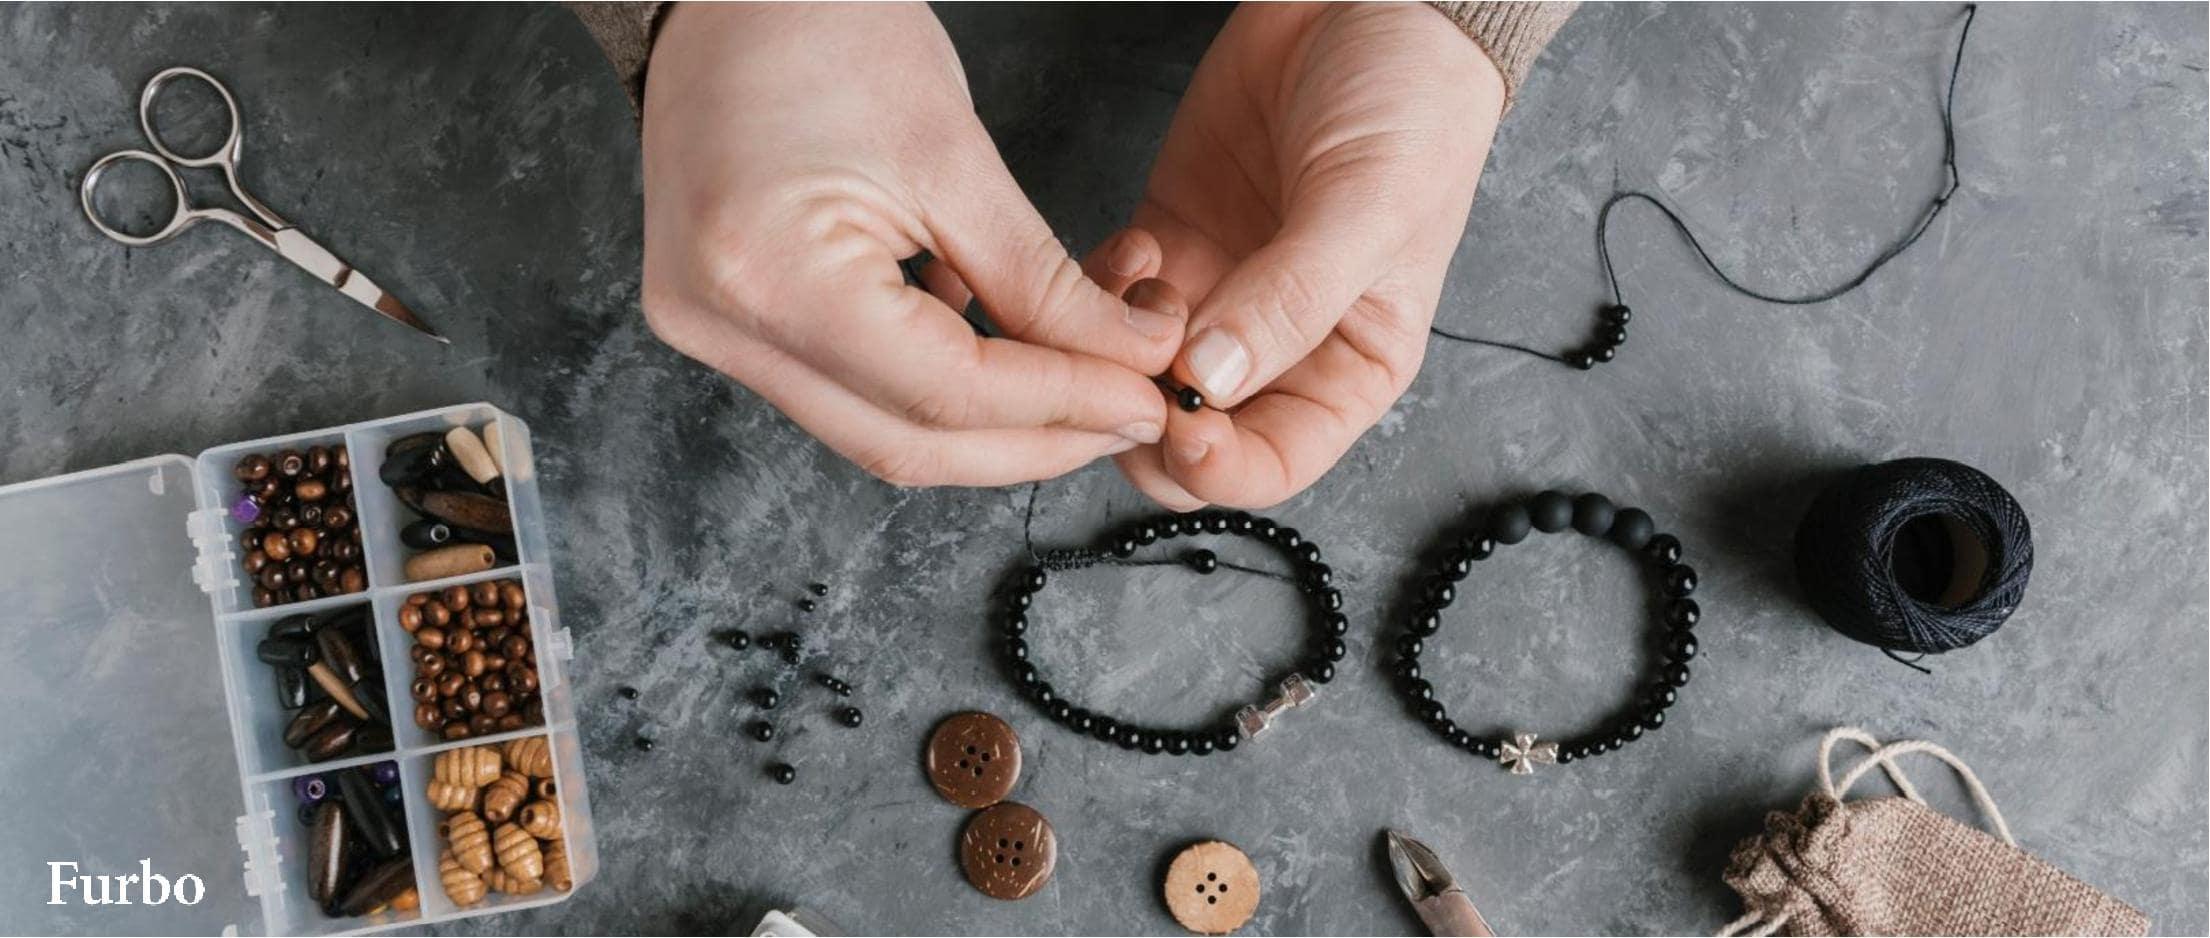 ساخت دستبند در خانه